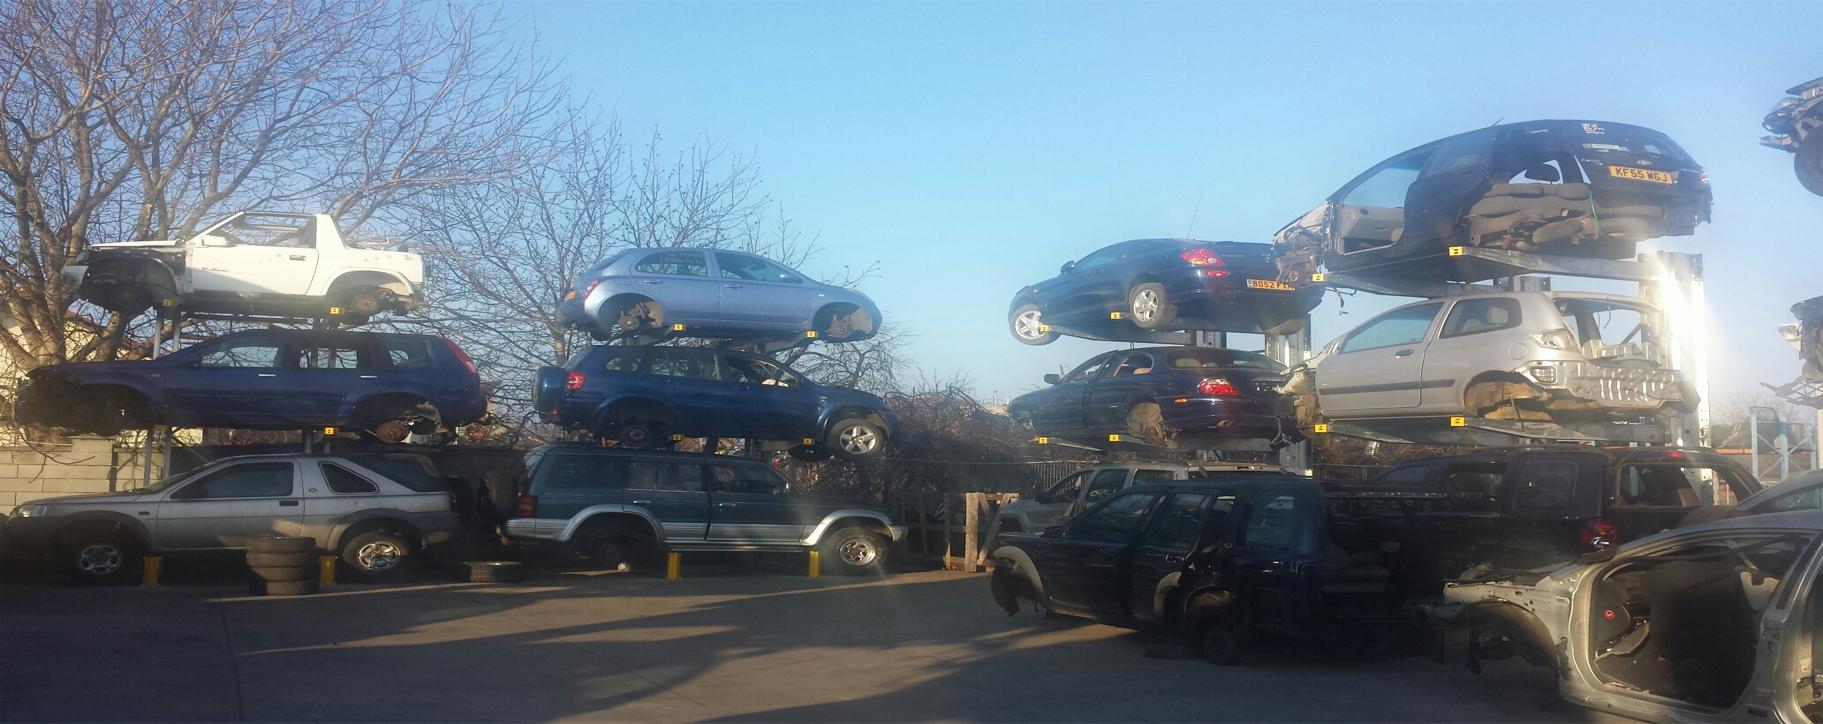 Rafturi Cantilever parc dezmembrari auto